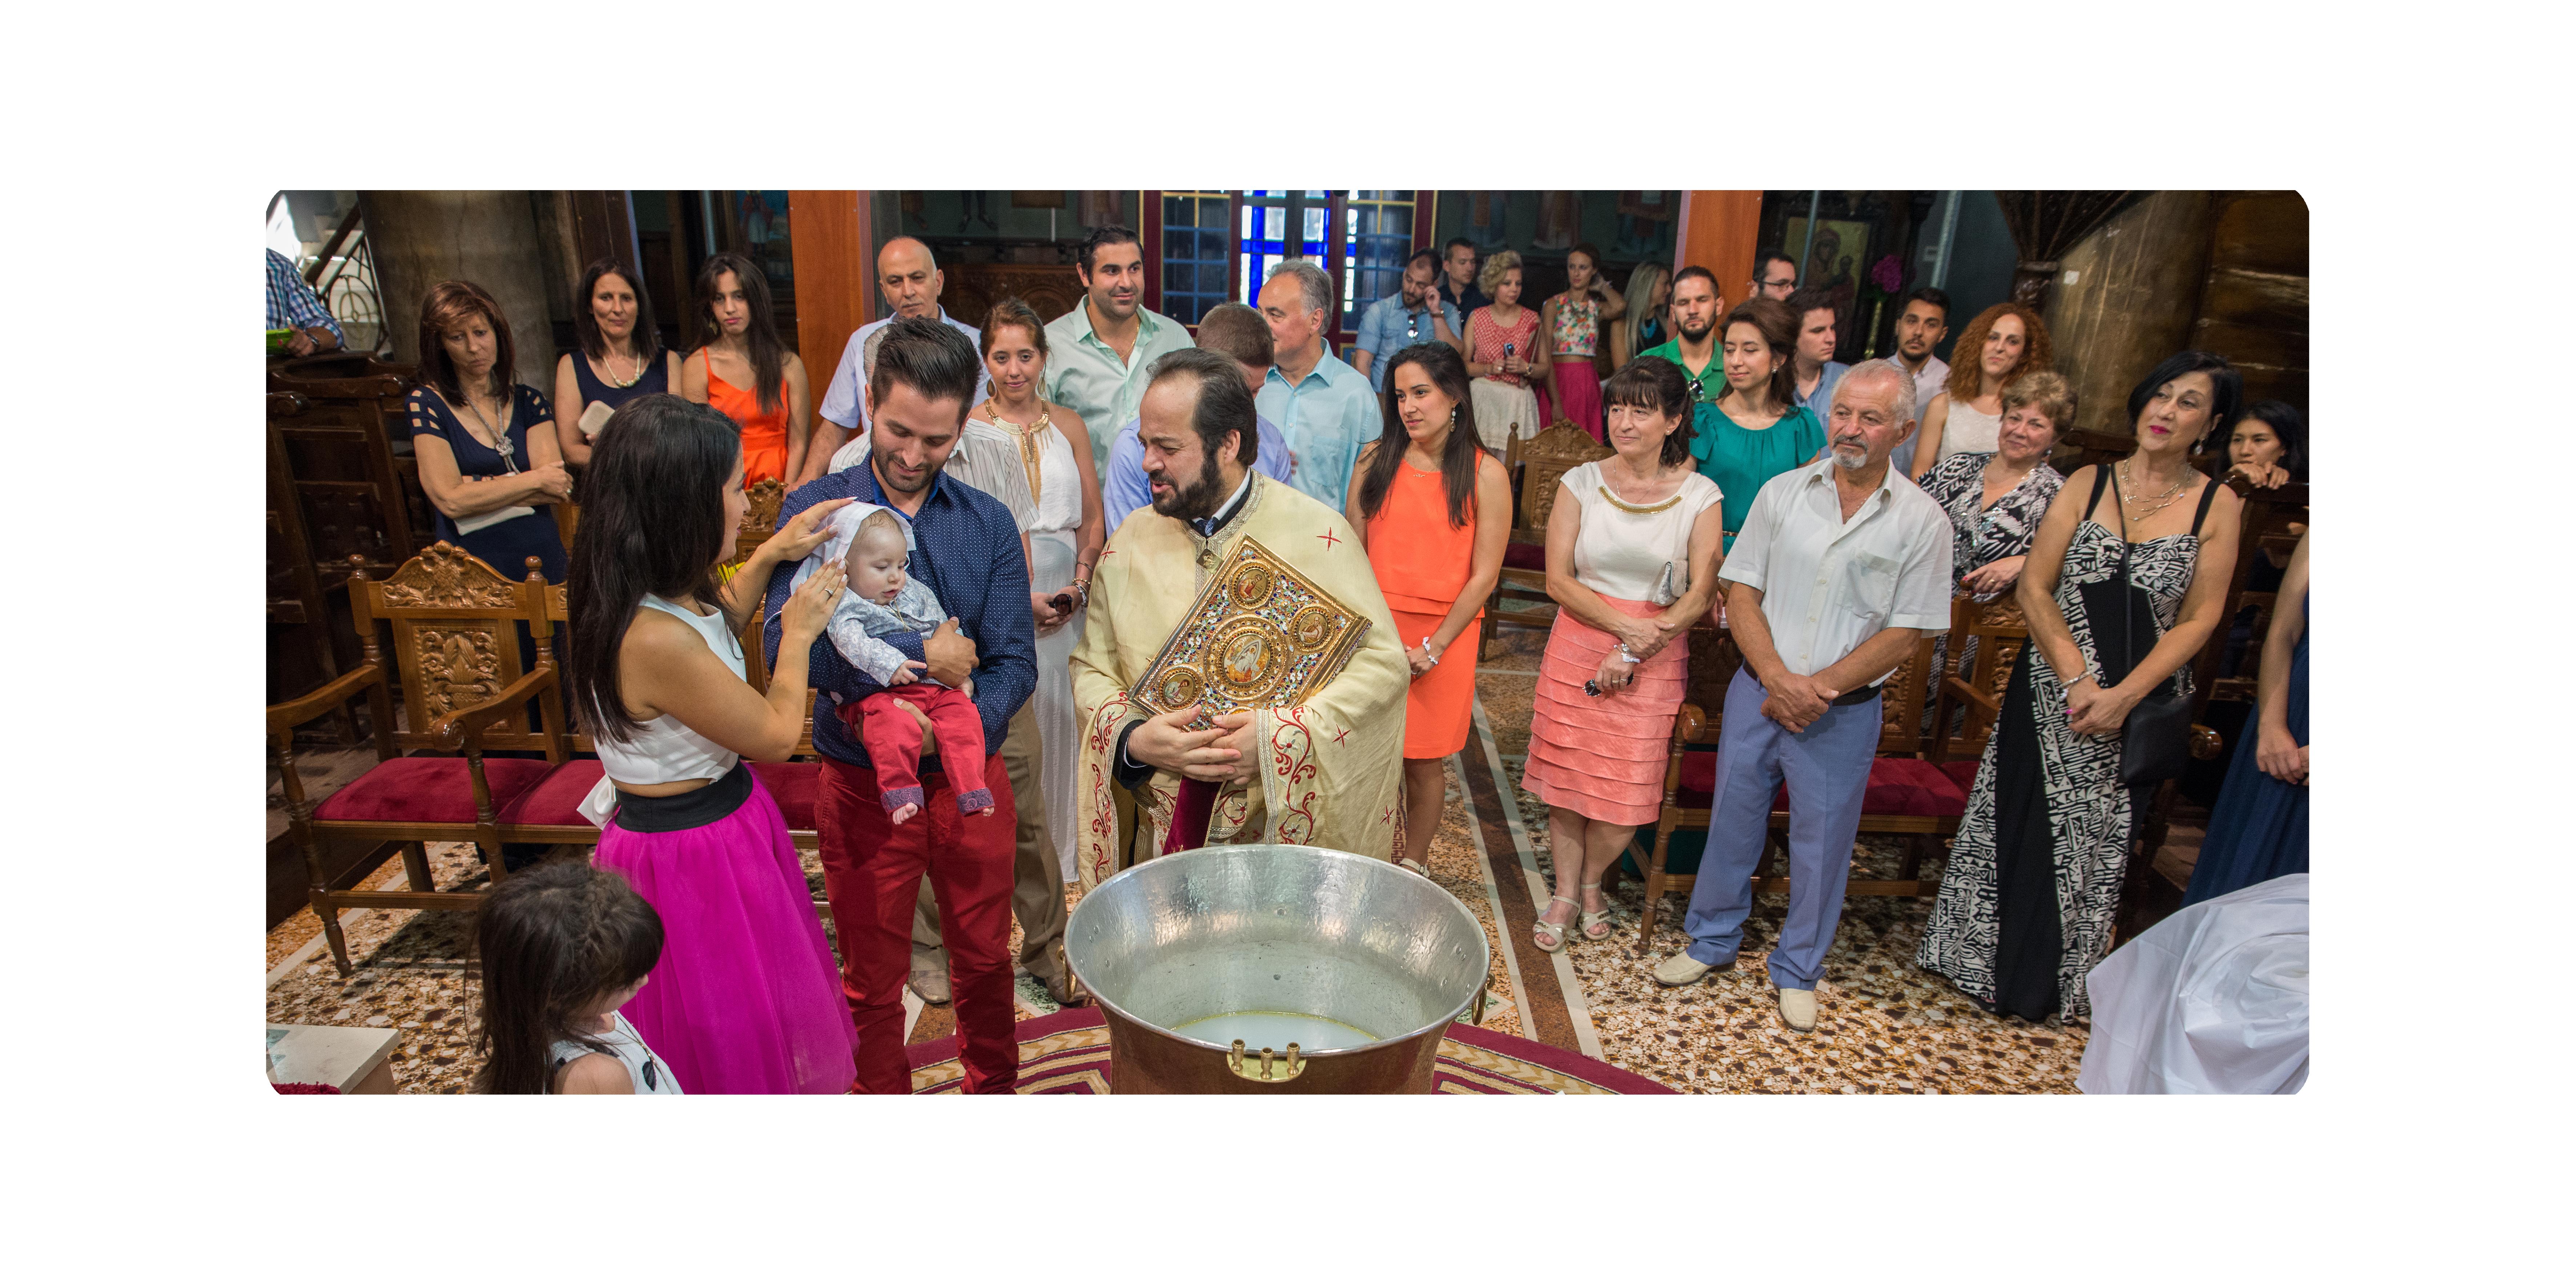 baptism_album_associate3